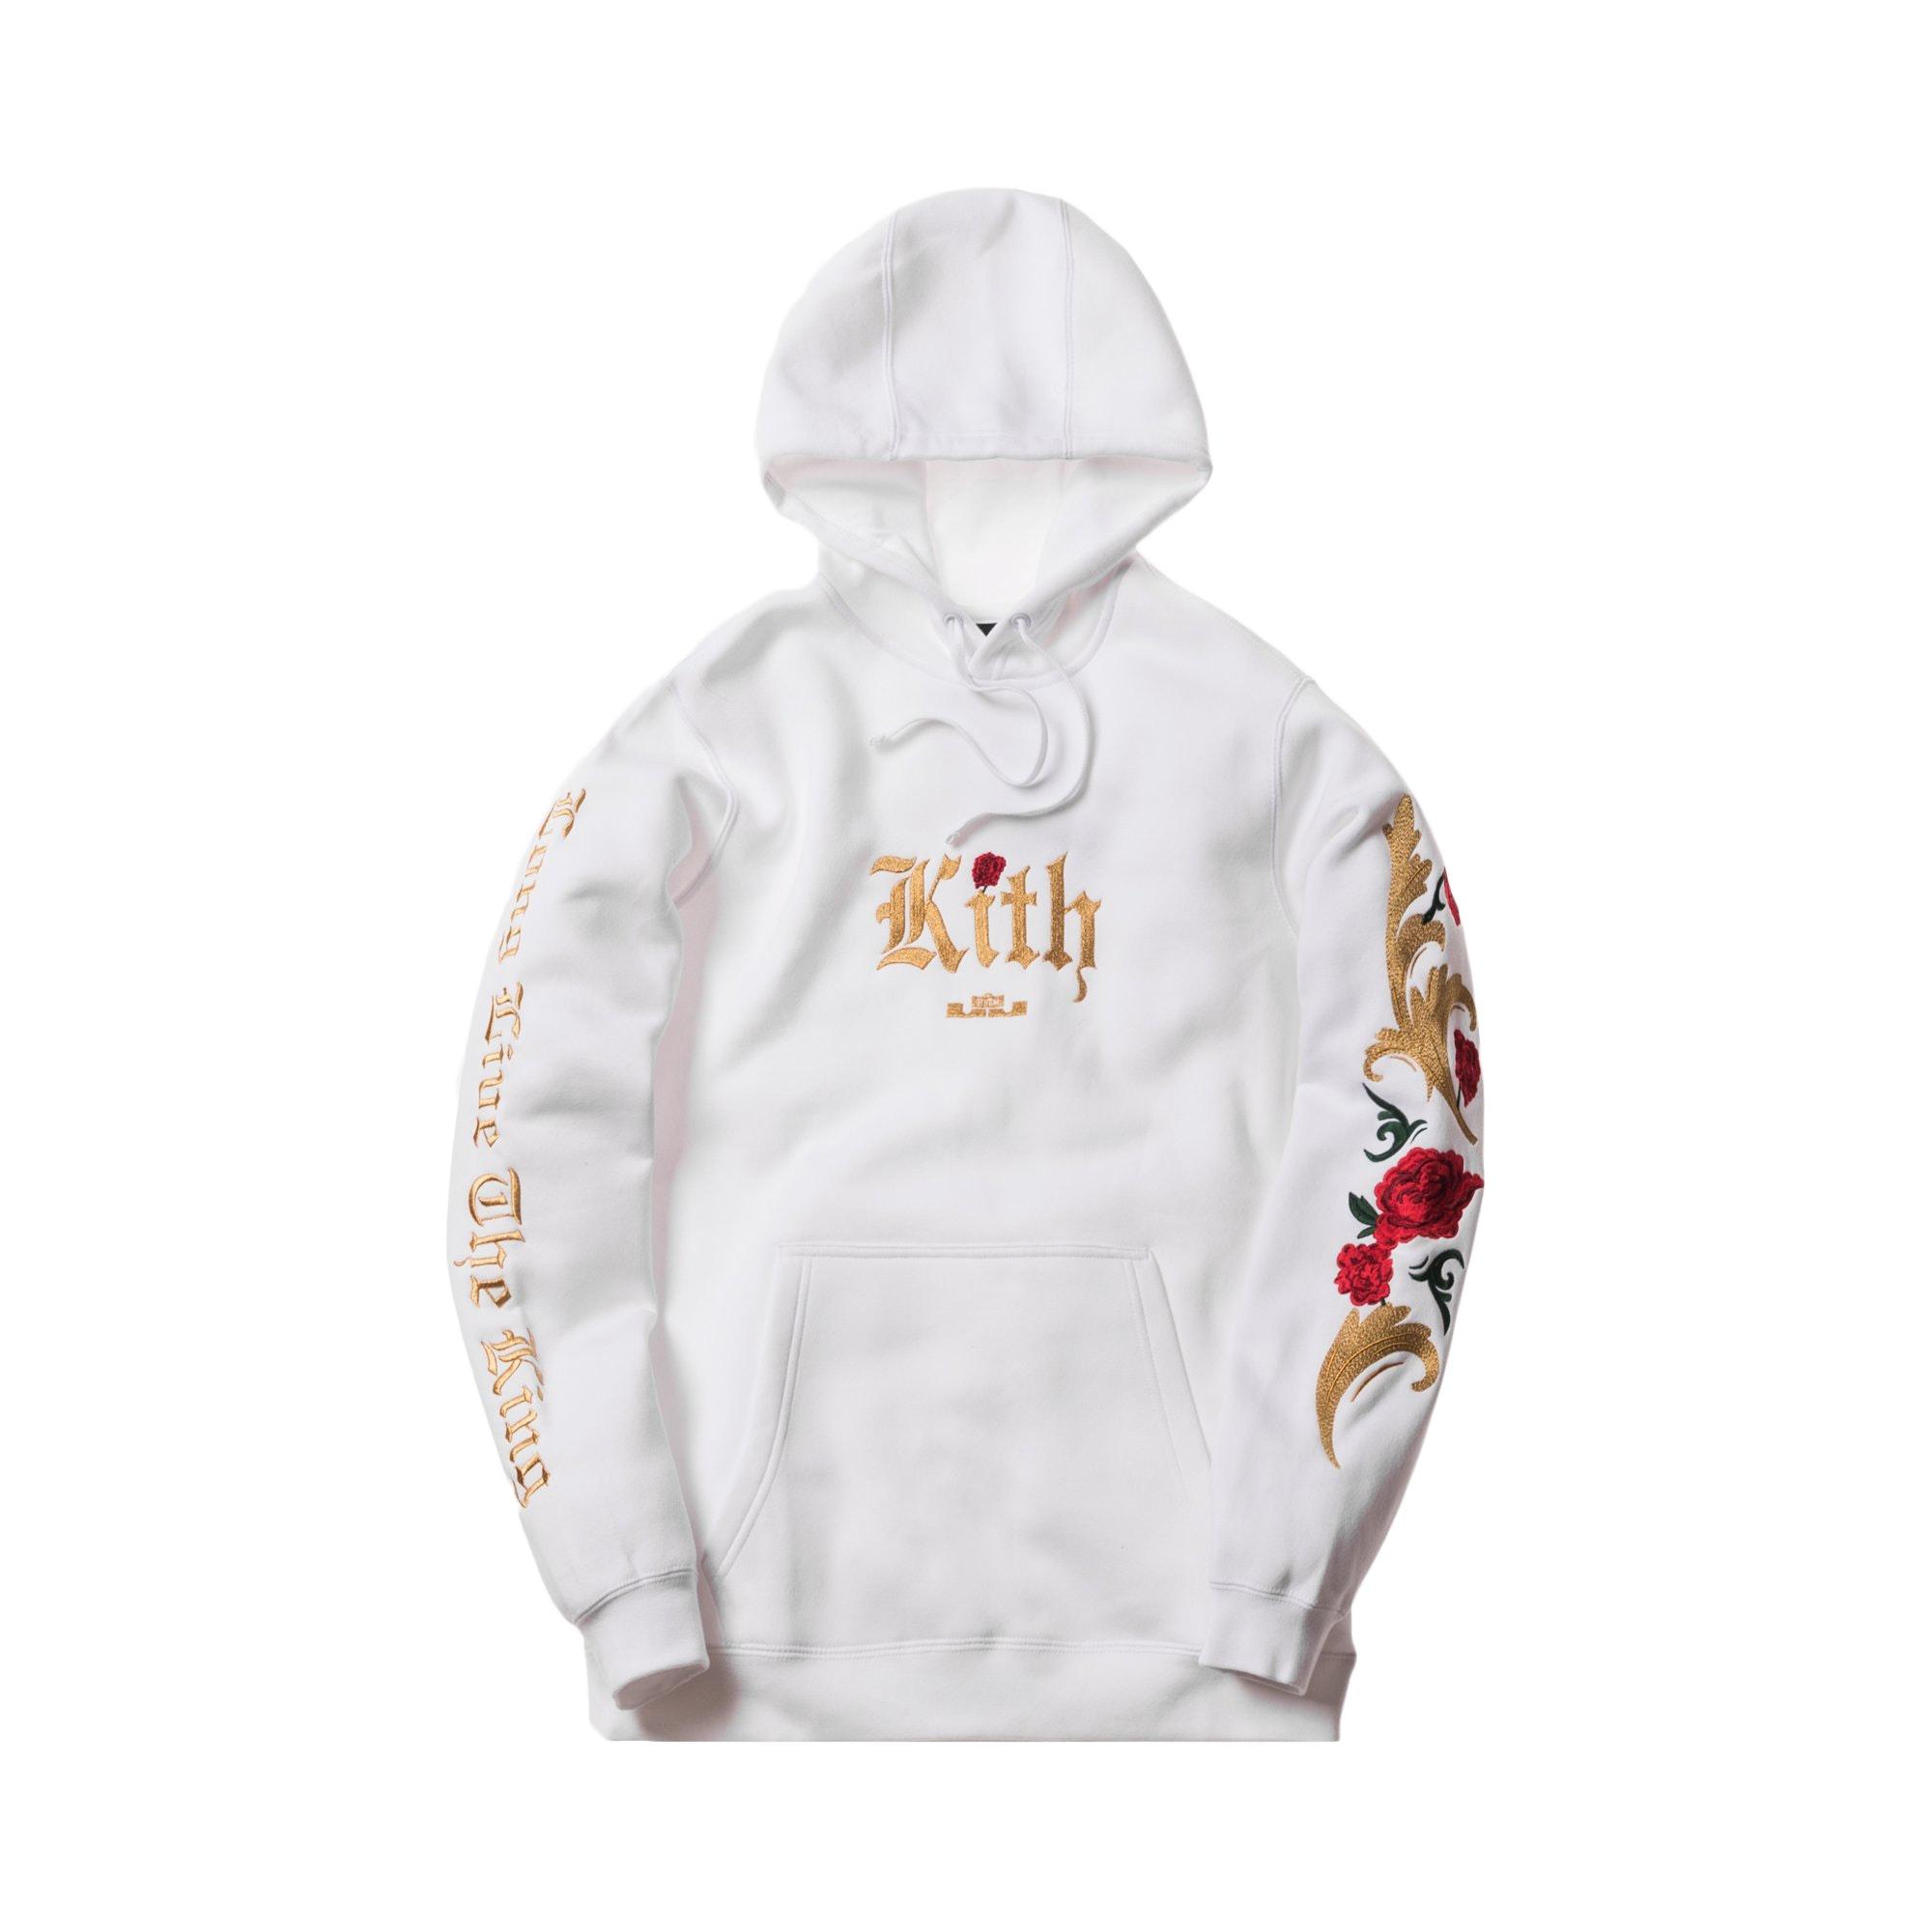 Kith Nike Lebron Cloak Hoodie White/Multi